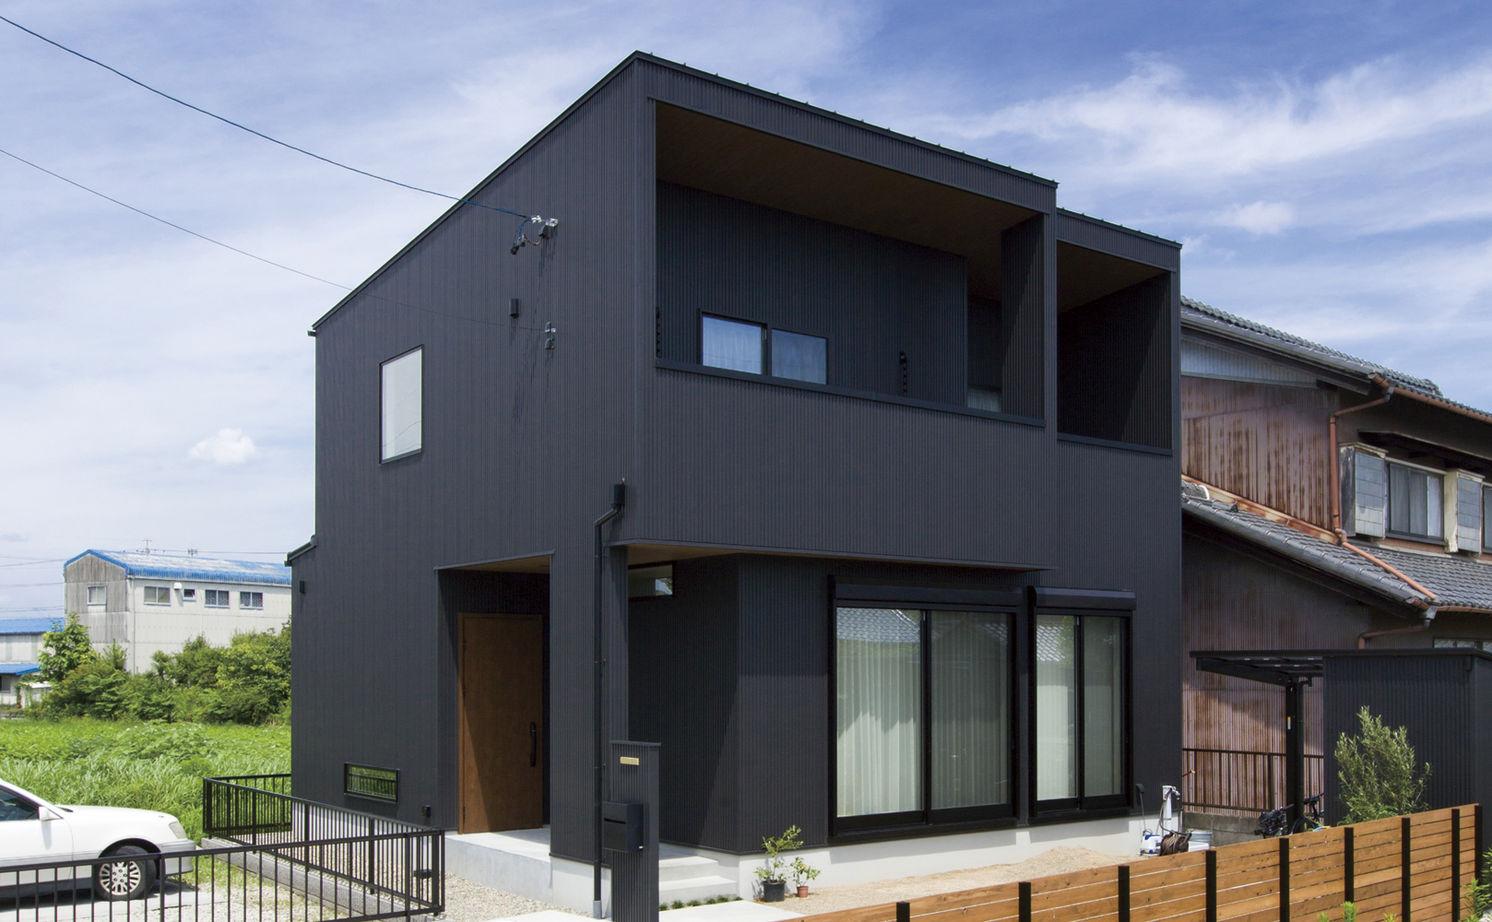 【ナチュラル×シンプルモダン※間取図あり】デザイン&価格を両立。シンプルで豊かに暮らせる家が1800万円画像2